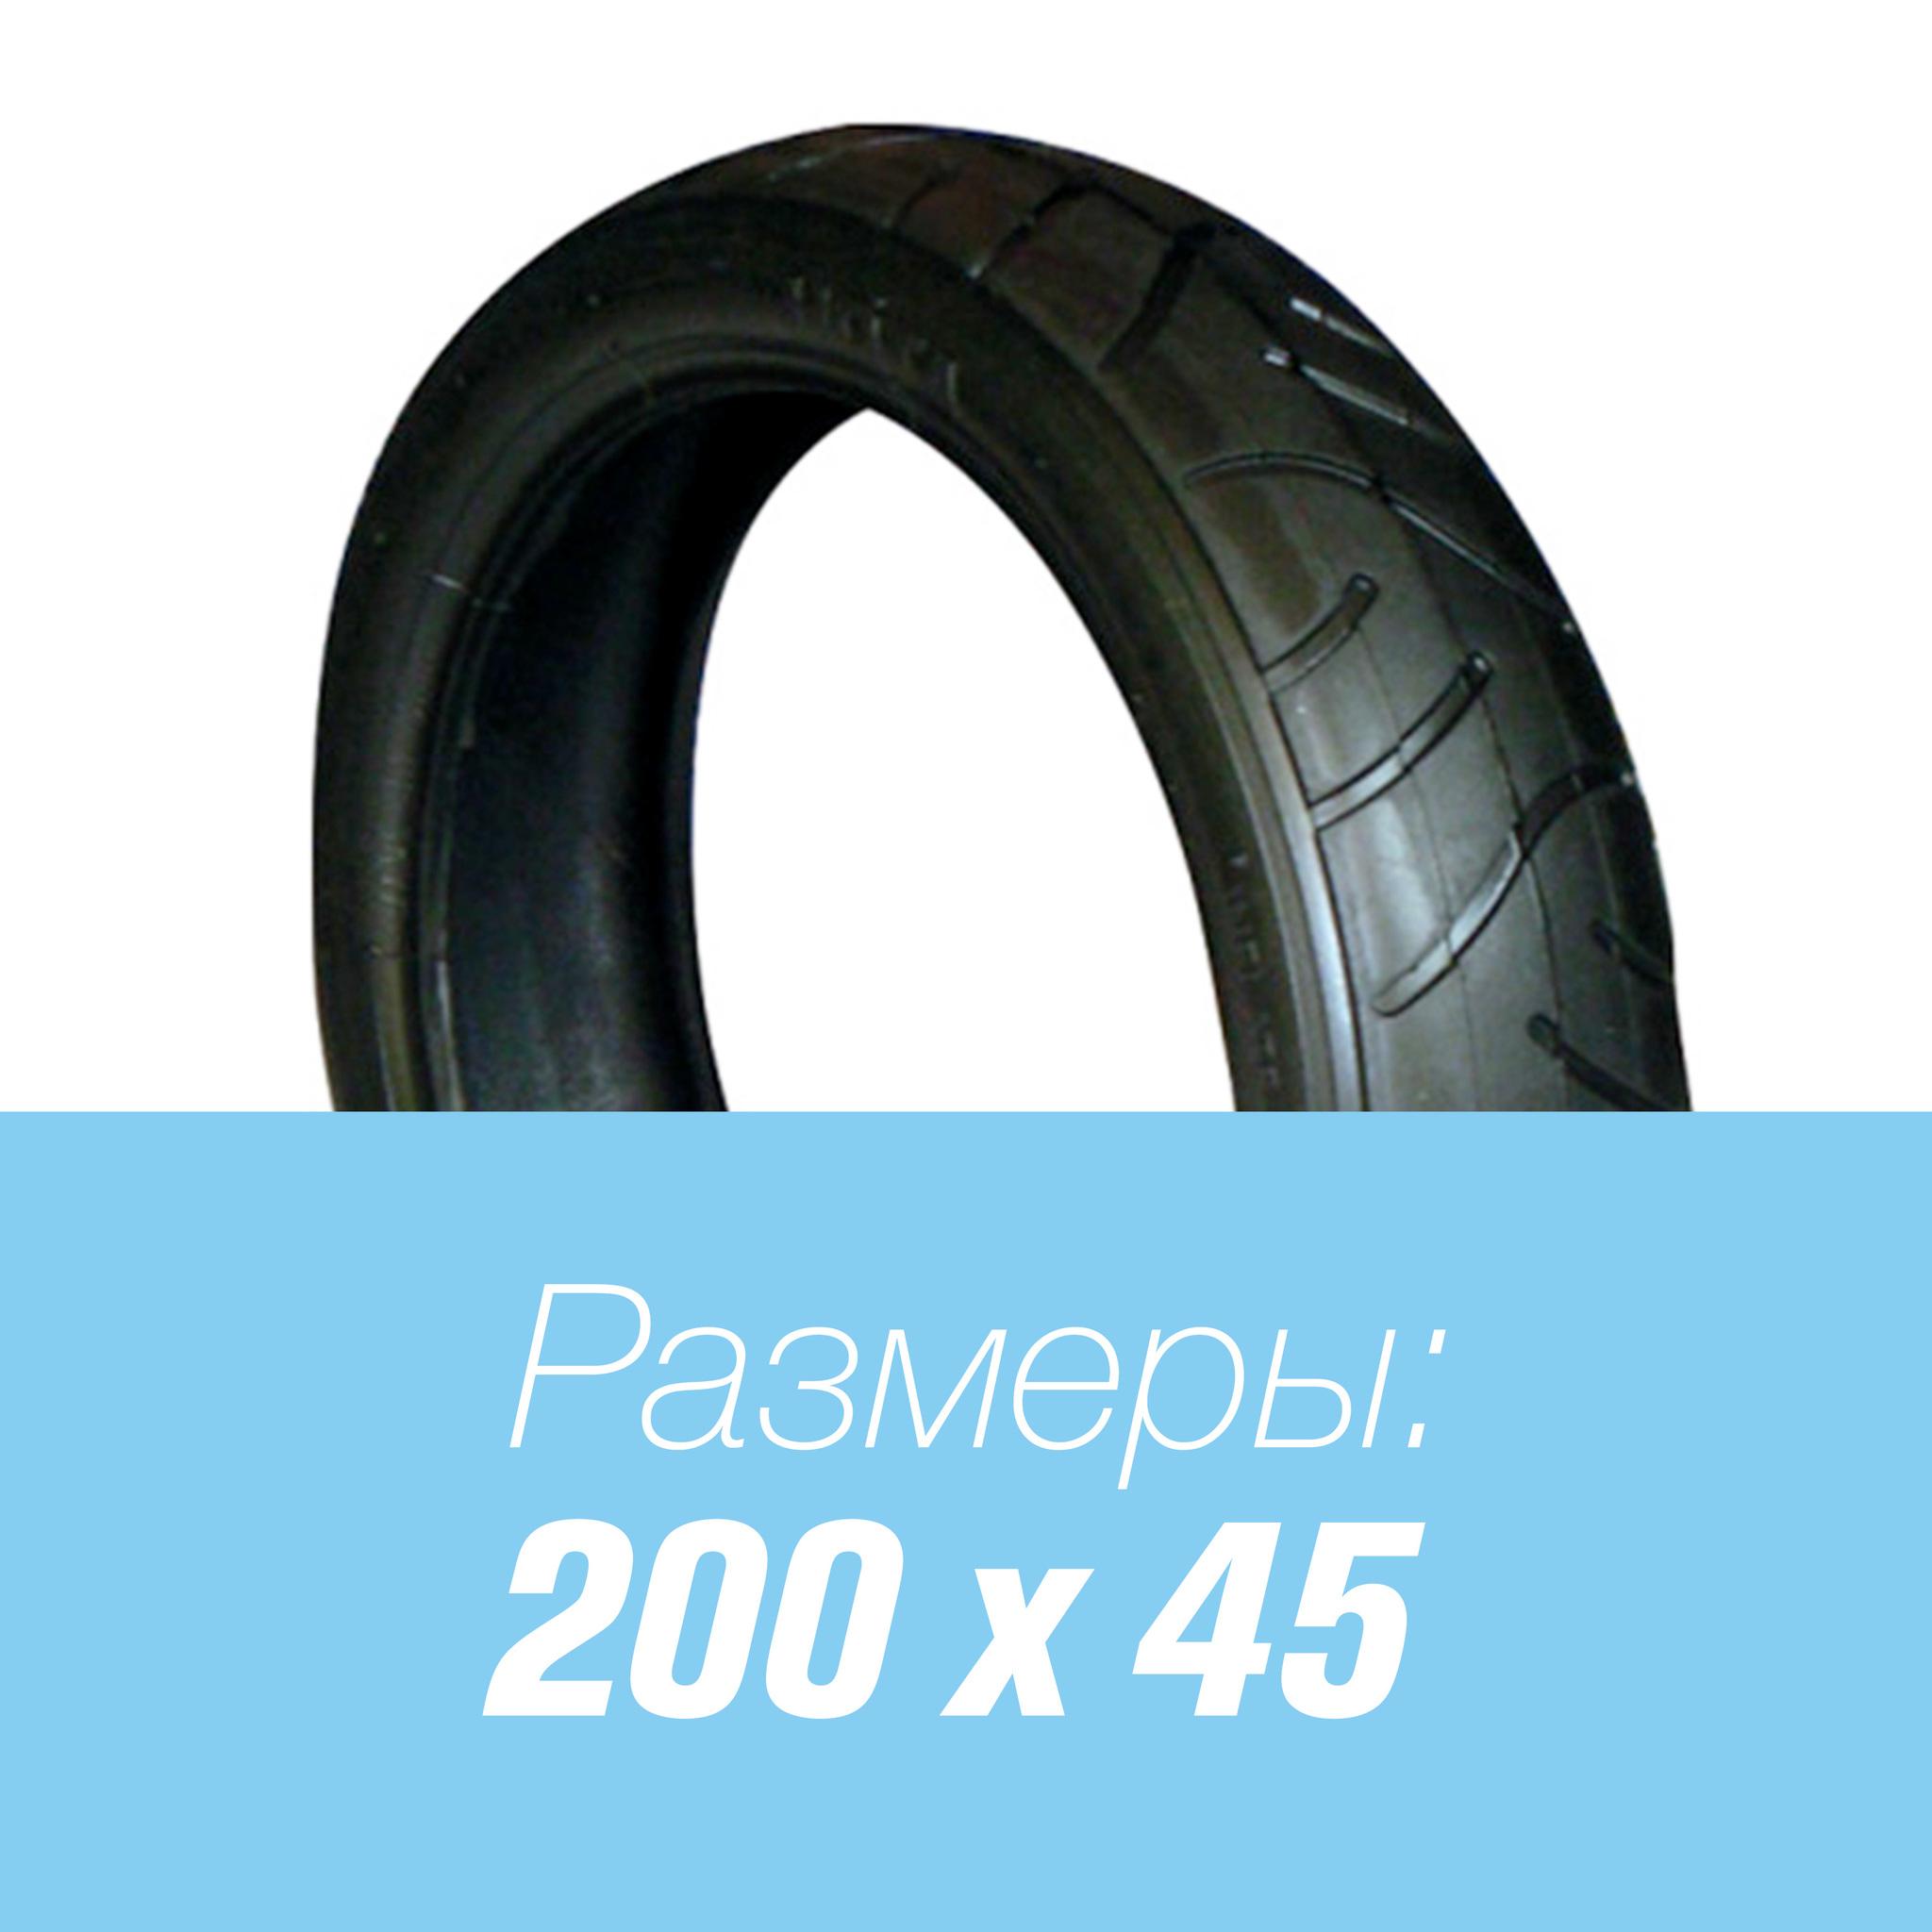 Покрышка 200x45 для детской коляски 200-45.jpg